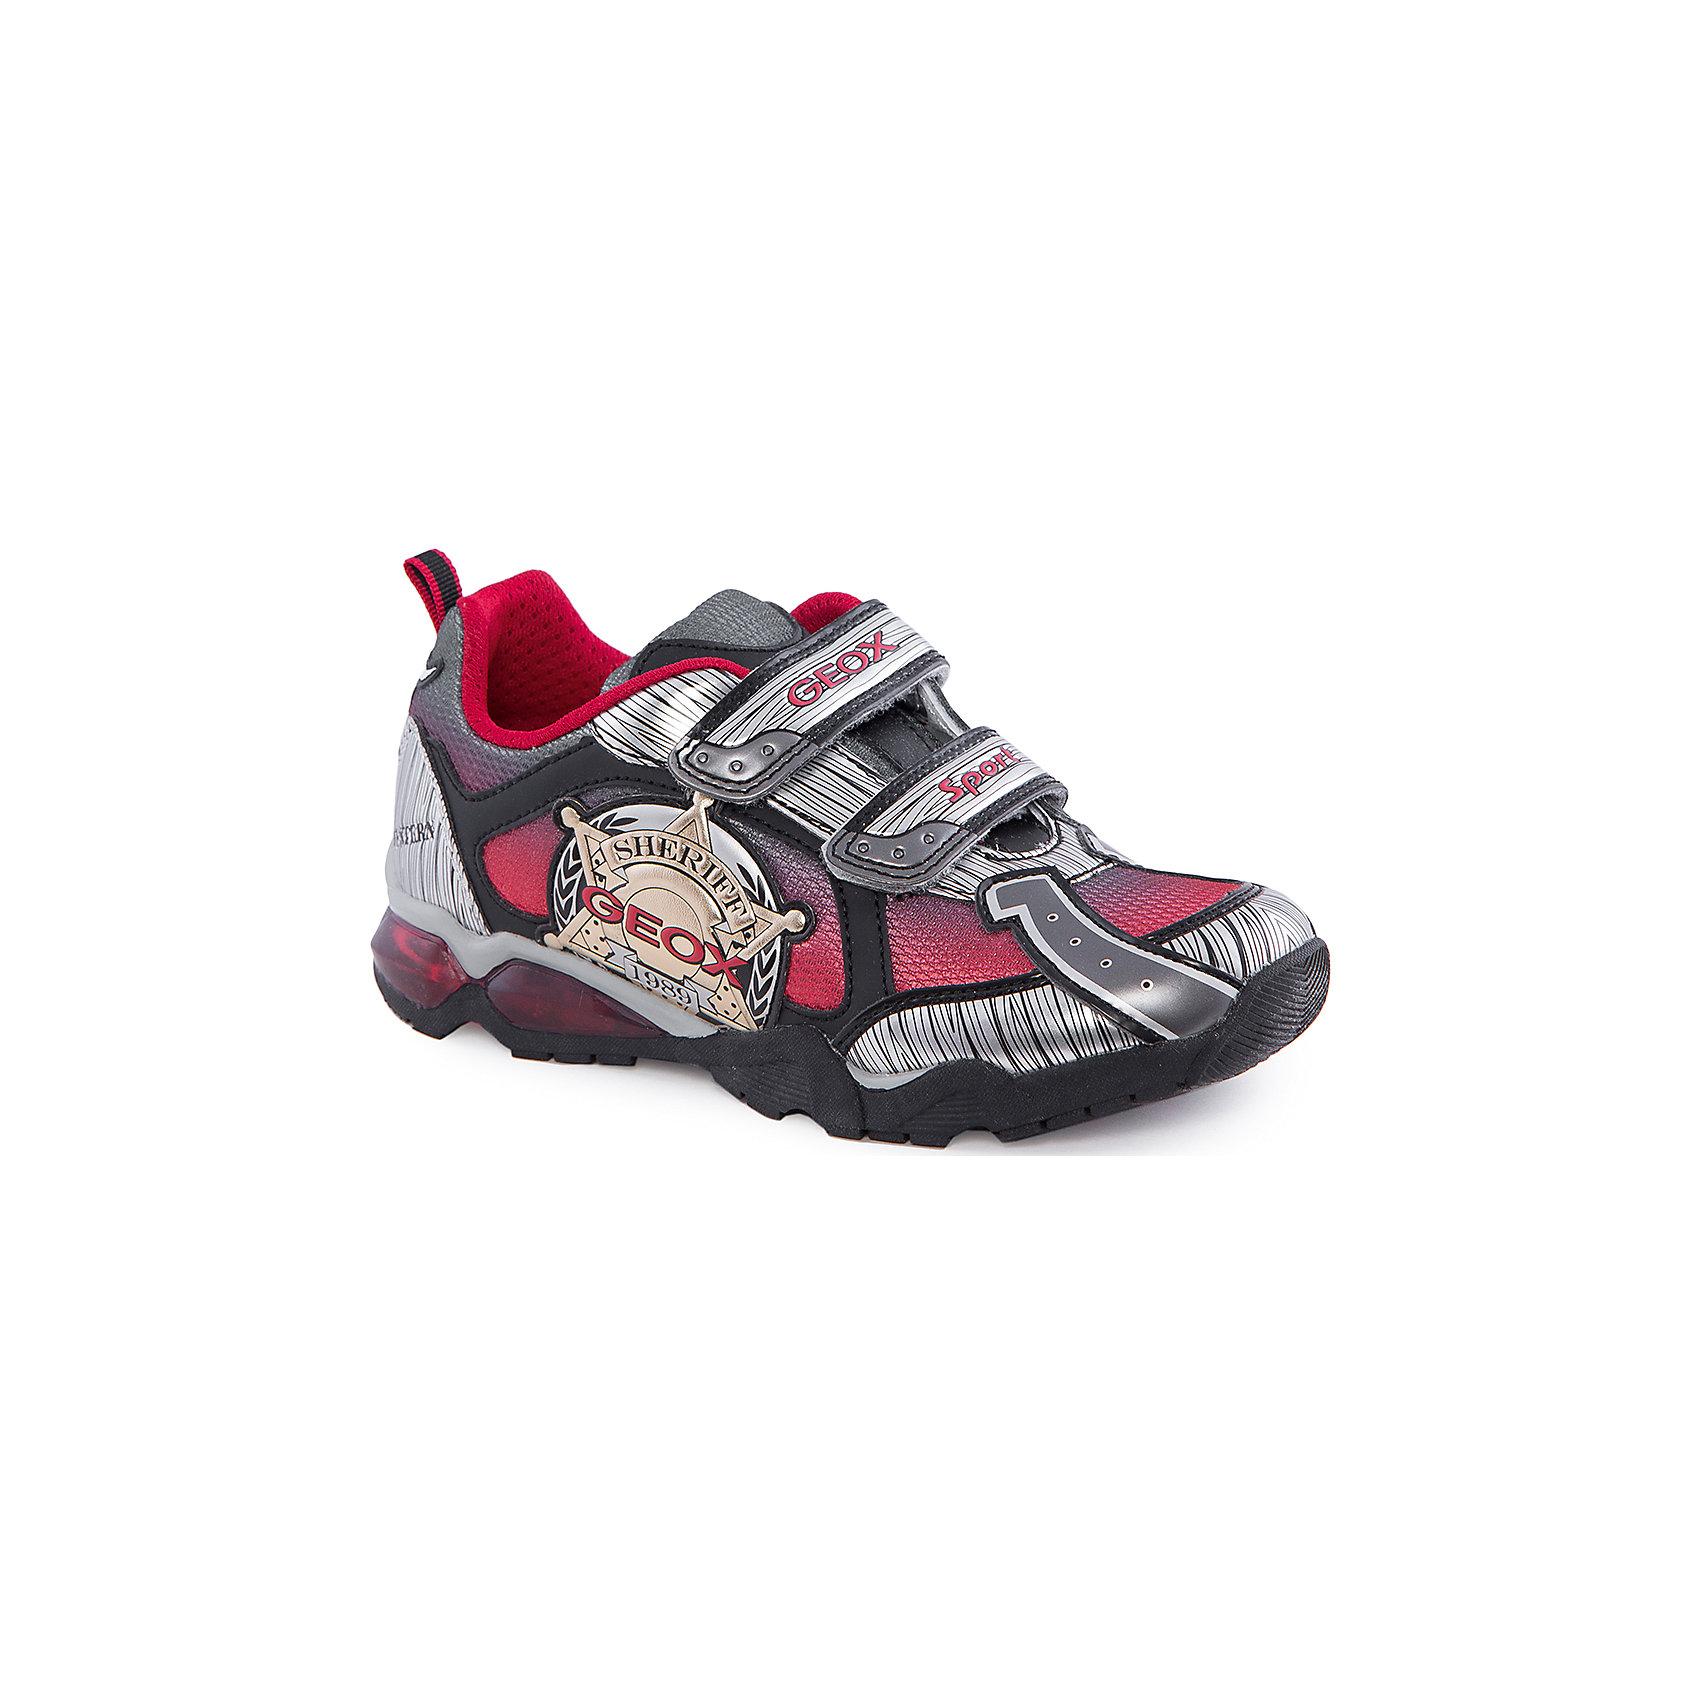 Кроссовки со светодиодами для мальчика GEOXКроссовки<br>Кроссовки для мальчика от популярной марки GEOX (Геокс).<br><br>Эти модные и удобные кроссовки - отличная обувь для нового весеннего сезона. Модель очень стильно и оригинально смотрится.<br>Производитель обуви заботится не только о внешнем виде, но и стабильно высоком качестве продукции. GEOX (Геокс) разработал специальную дышащую подошву, которая не пропускает влагу внутрь, а также высокотехнологичную стельку.<br><br>Отличительные особенности модели:<br><br>- цвет: серебристый;<br>- декорированы аппликациями в тематике шериф;<br>- гибкая водоотталкивающая подошва с дышащей мембраной;<br>- мягкий и легкий верх;<br>- защита пальцев и пятки;<br>- стильный дизайн;<br>- удобная застежка-липучка;<br>- комфортное облегание;<br>- верх обуви и подкладка сделаны без использования хрома.<br><br>Дополнительная информация:<br><br>- Температурный режим: от +10° С до 25° С.<br><br>- Состав:<br><br>материал верха: текстиль, синтетический материал<br>материал подкладки: текстиль<br>подошва: 100% резина<br><br>Кроссовки для мальчика GEOX (Геокс) (Геокс) можно купить в нашем магазине.<br><br>Ширина мм: 250<br>Глубина мм: 150<br>Высота мм: 150<br>Вес г: 250<br>Цвет: серебряный<br>Возраст от месяцев: 24<br>Возраст до месяцев: 36<br>Пол: Мужской<br>Возраст: Детский<br>Размер: 26,27,35,32,34,33,31,30,29,28<br>SKU: 4519367